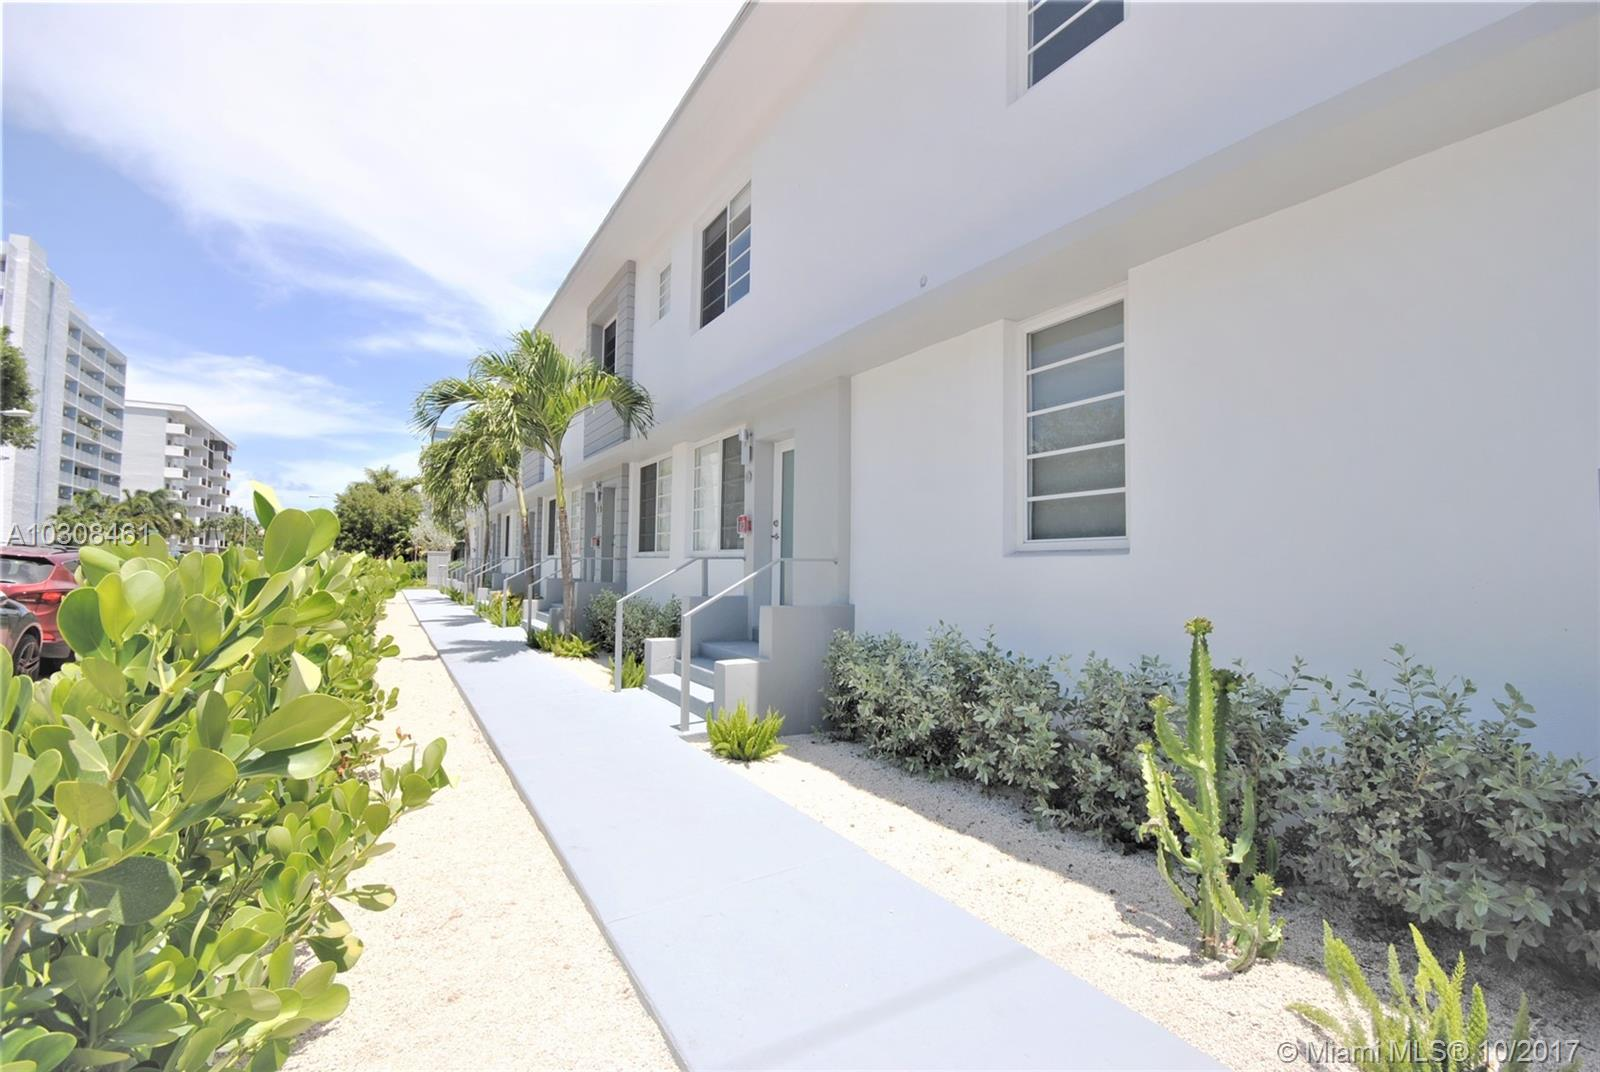 1100 10th St # 13, Miami Beach, FL 33139